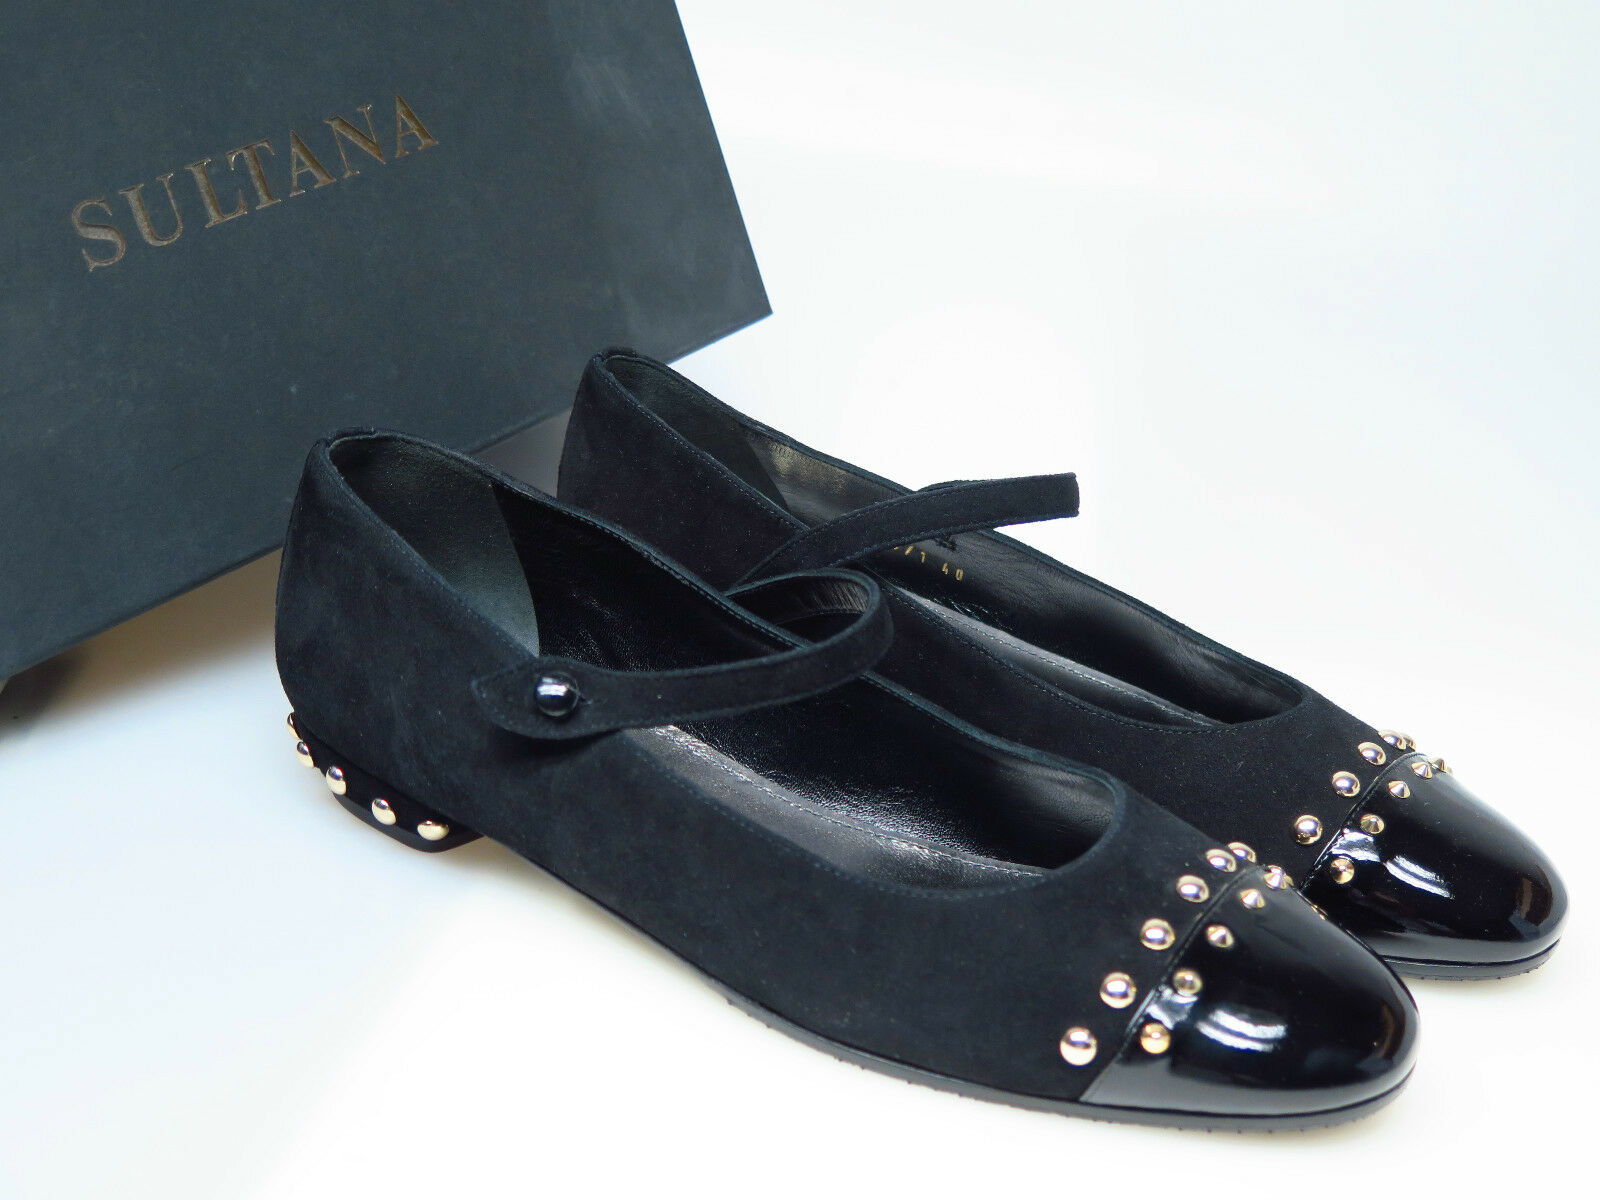 SULTANA Schuhe Designer Damenschuhe N4258 Emma Comoscio schwarz Timor Gr. 36,5 NEU